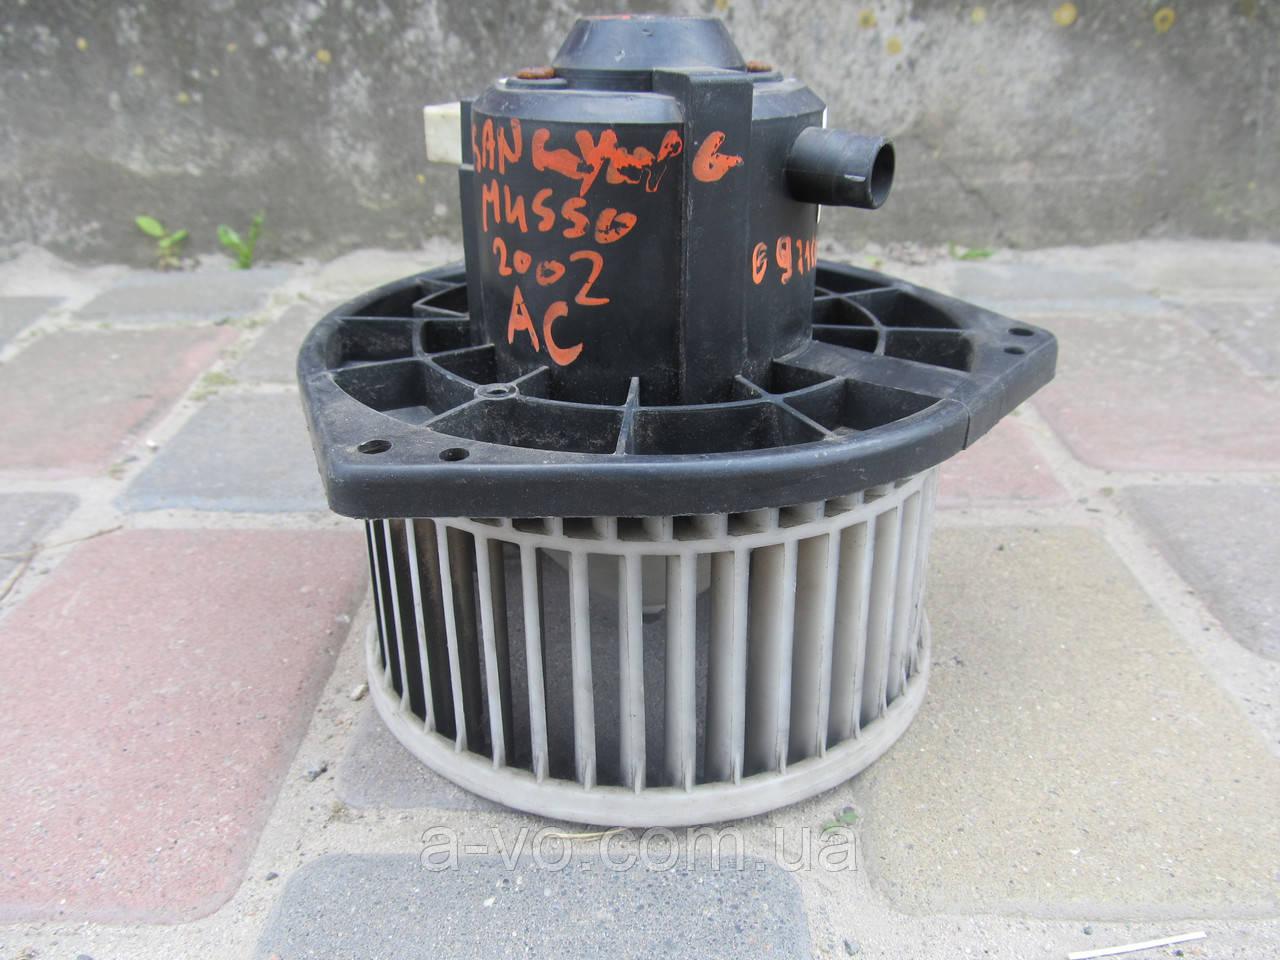 Вентилятор моторчик печки для SsangYong Musso Korando, 6921005410